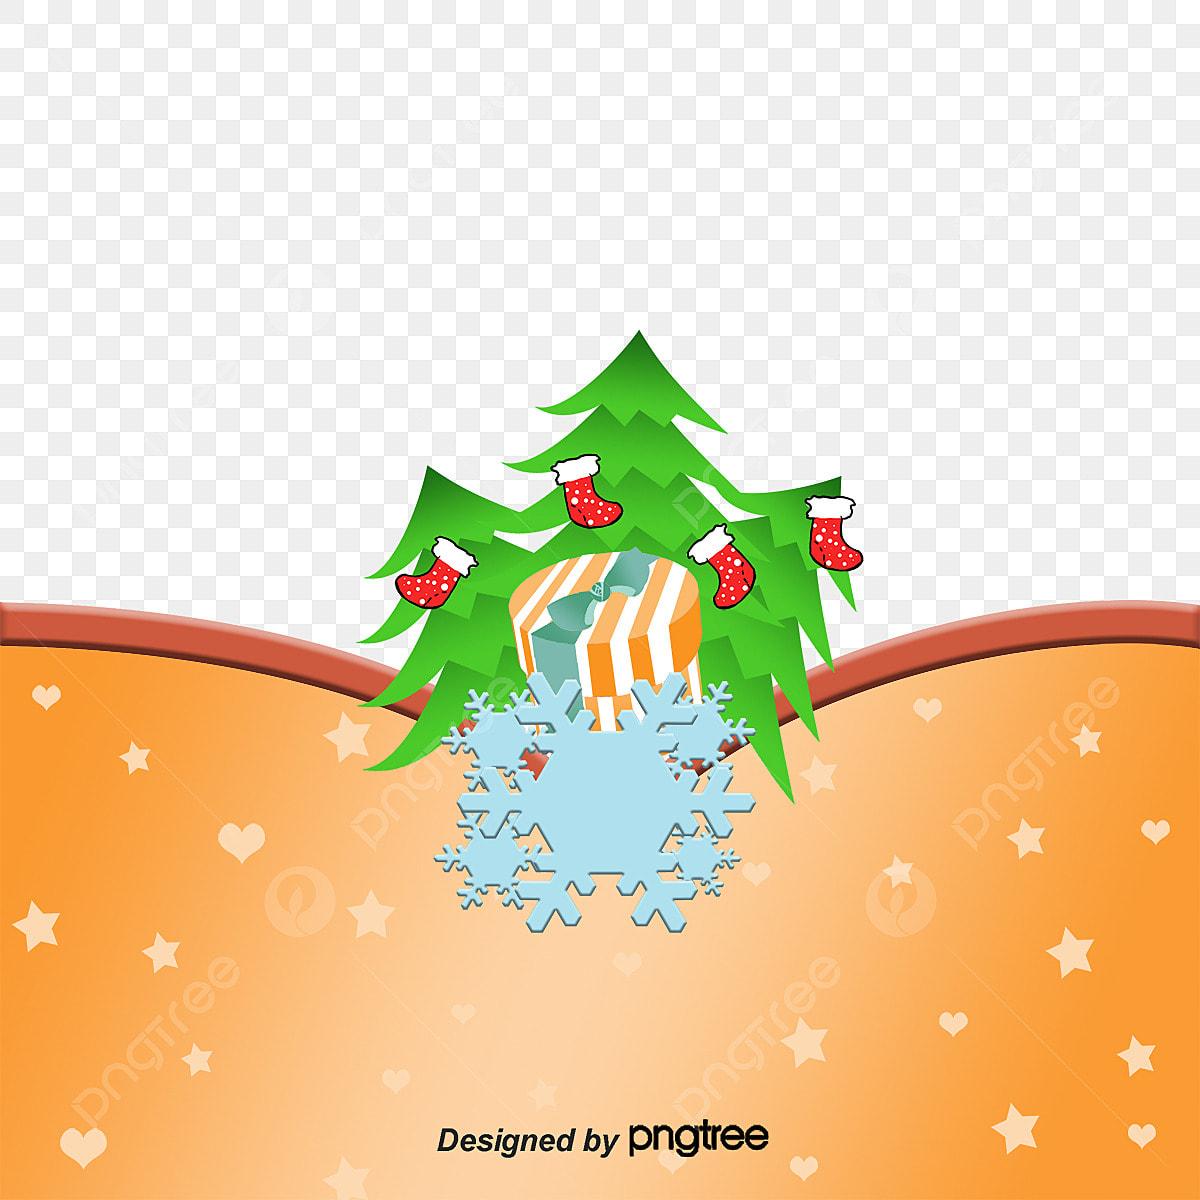 クリスマスカード素材 蝶結び キャンドル セット画像素材の